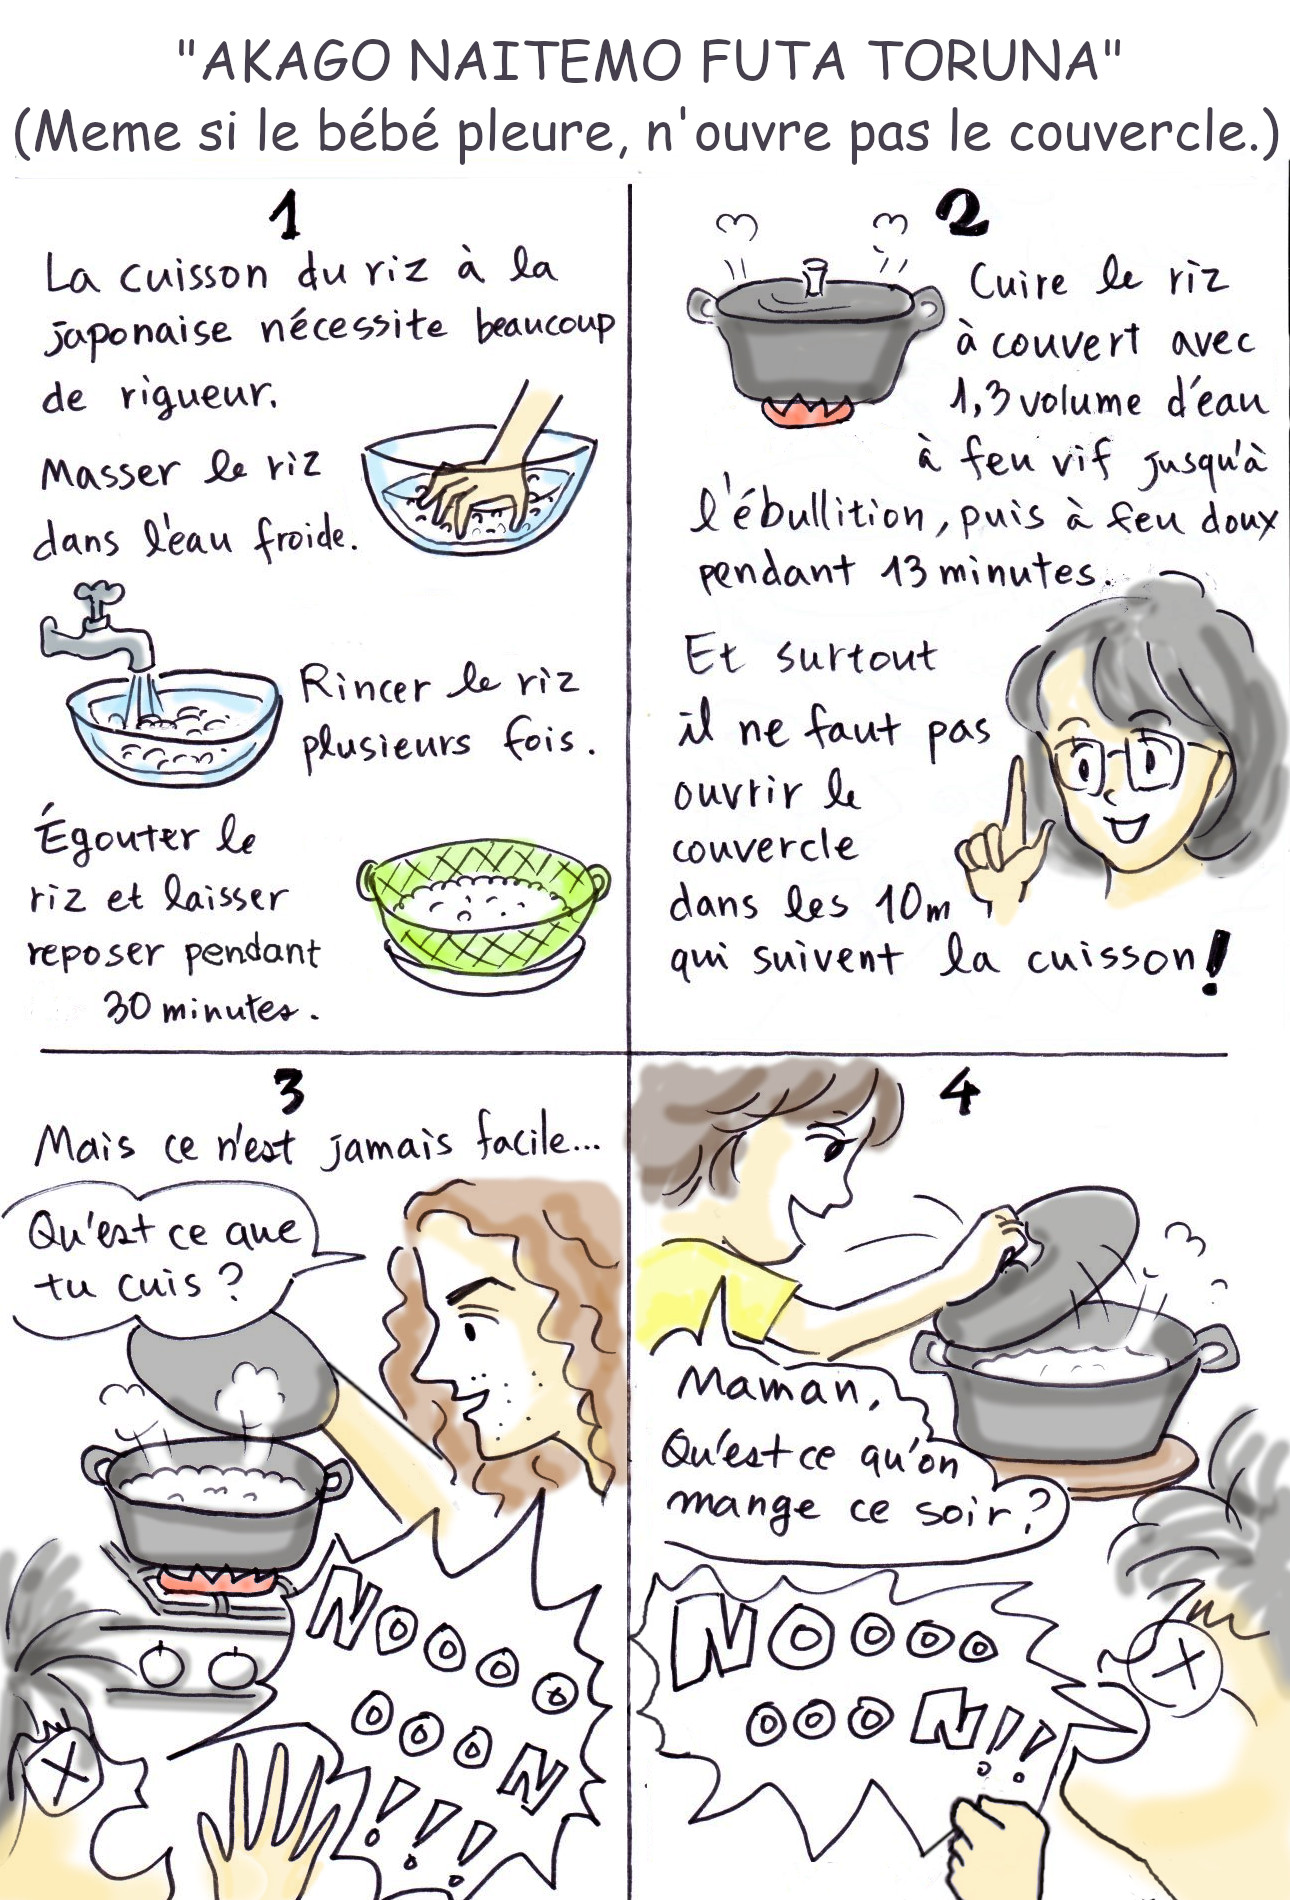 Recette de cuisine : la cuisson du riz à la japonaise